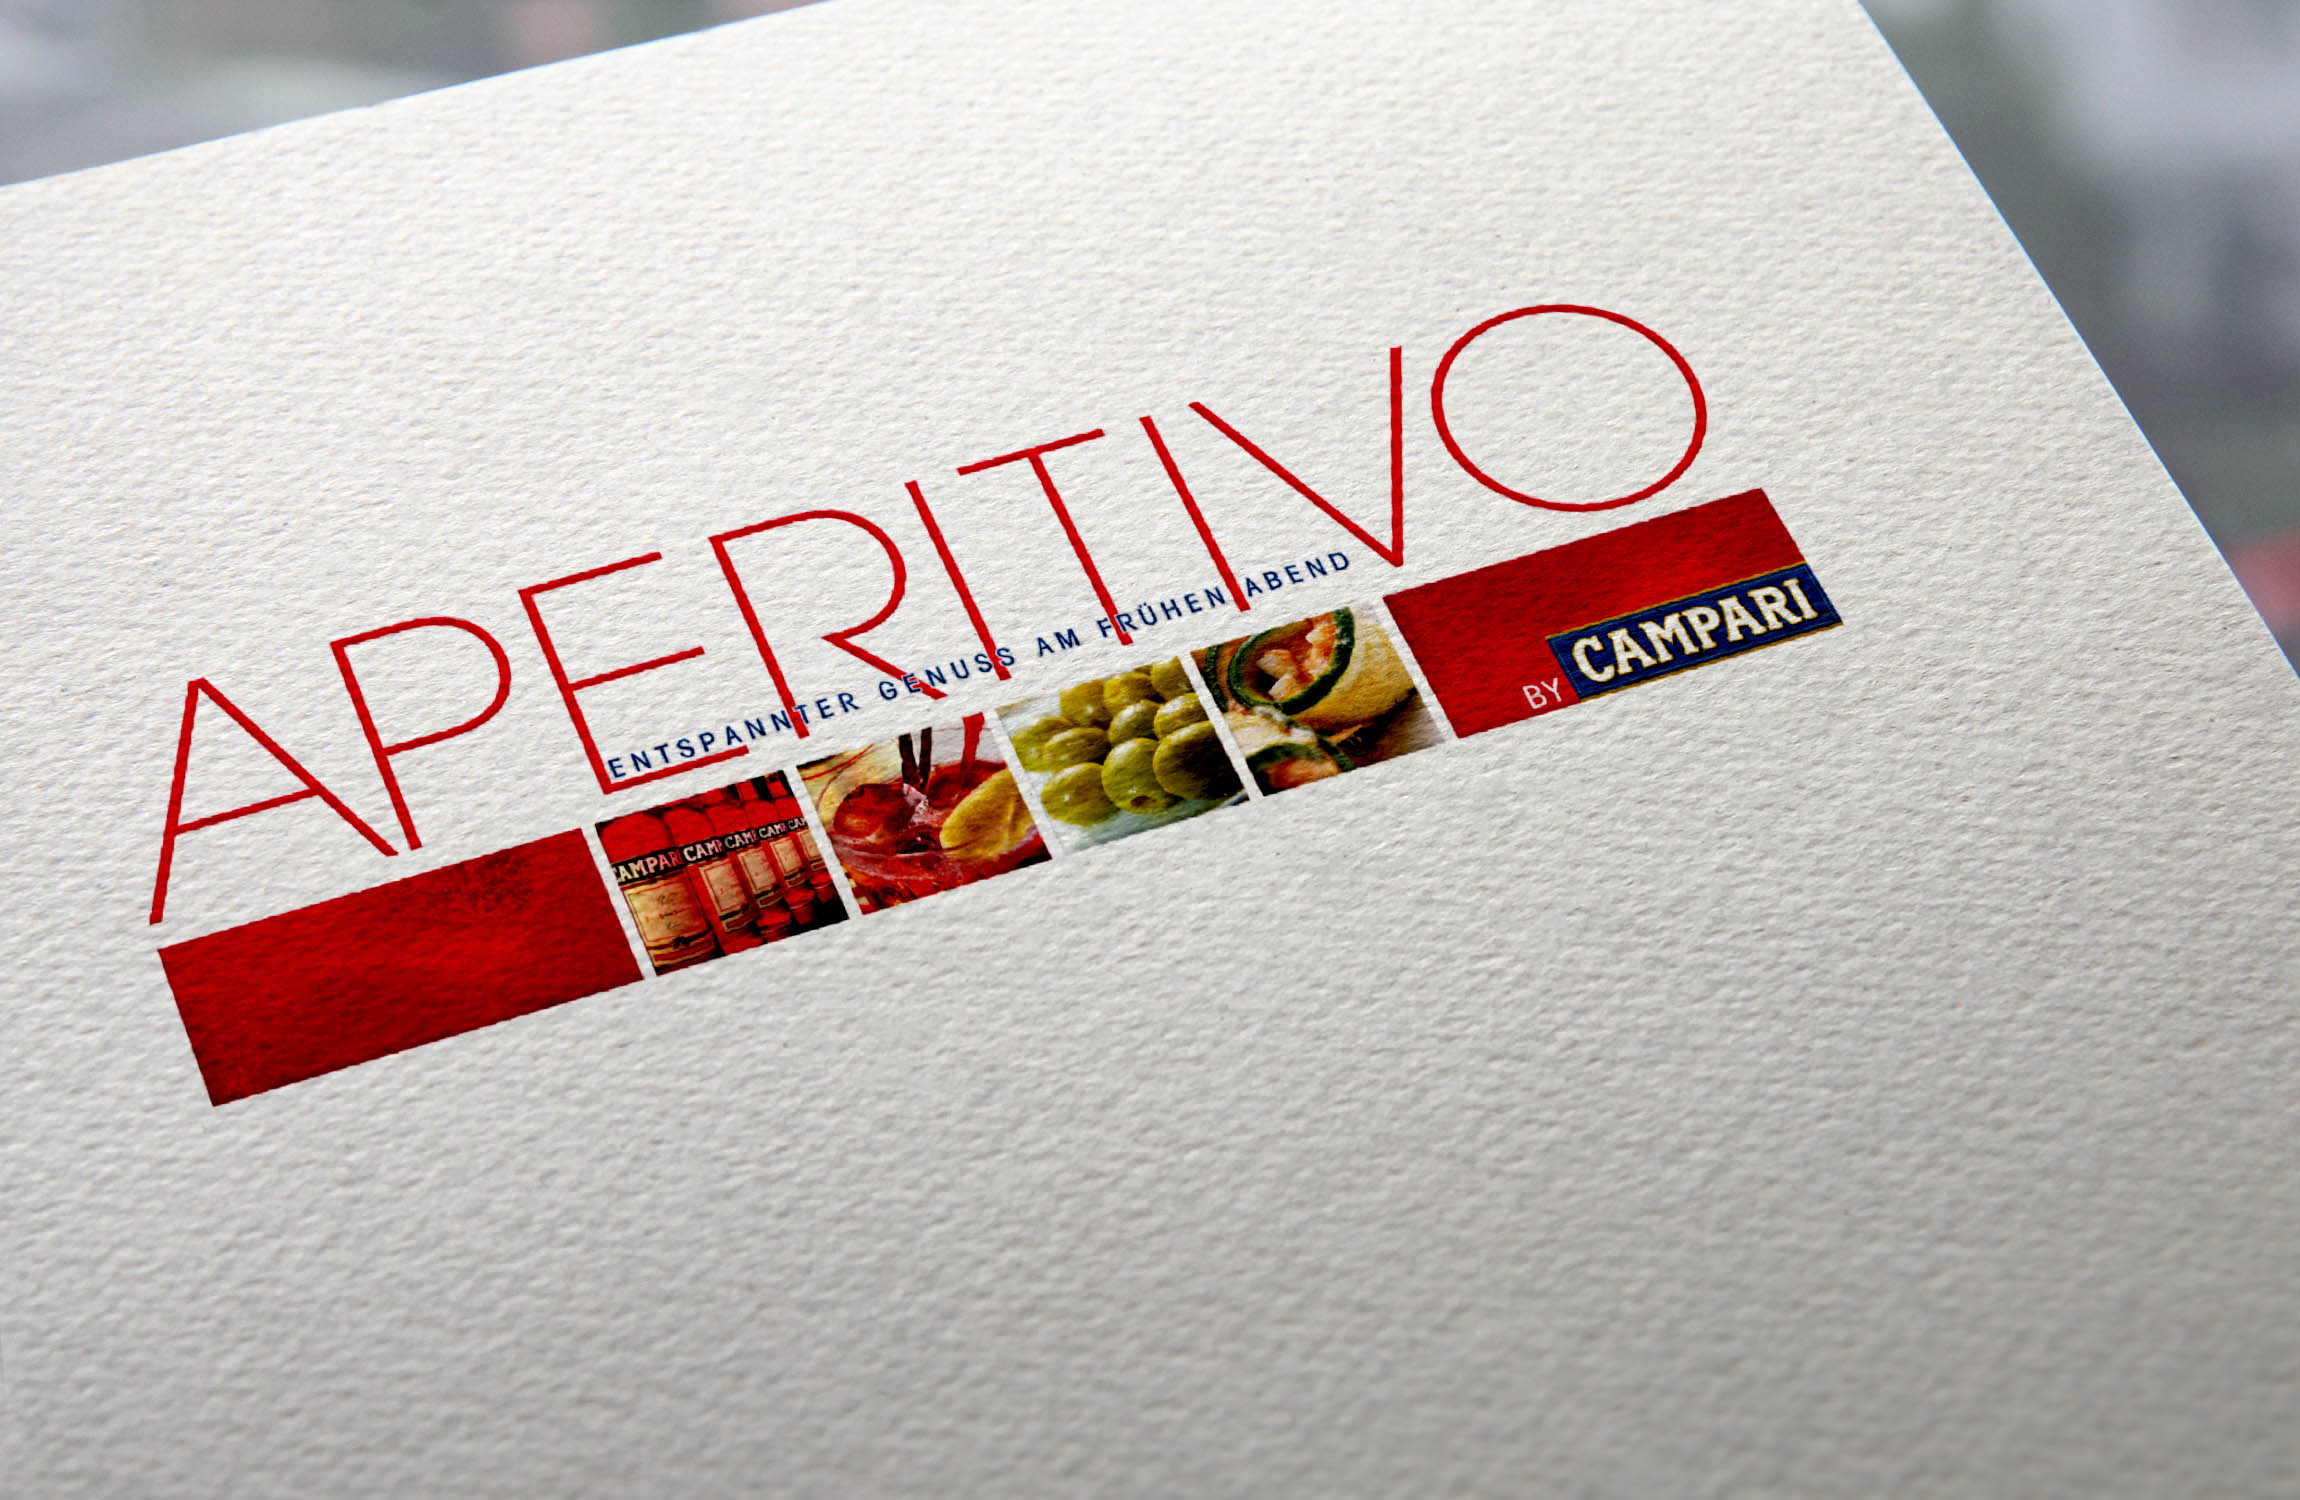 Campari Aperitivo Logo